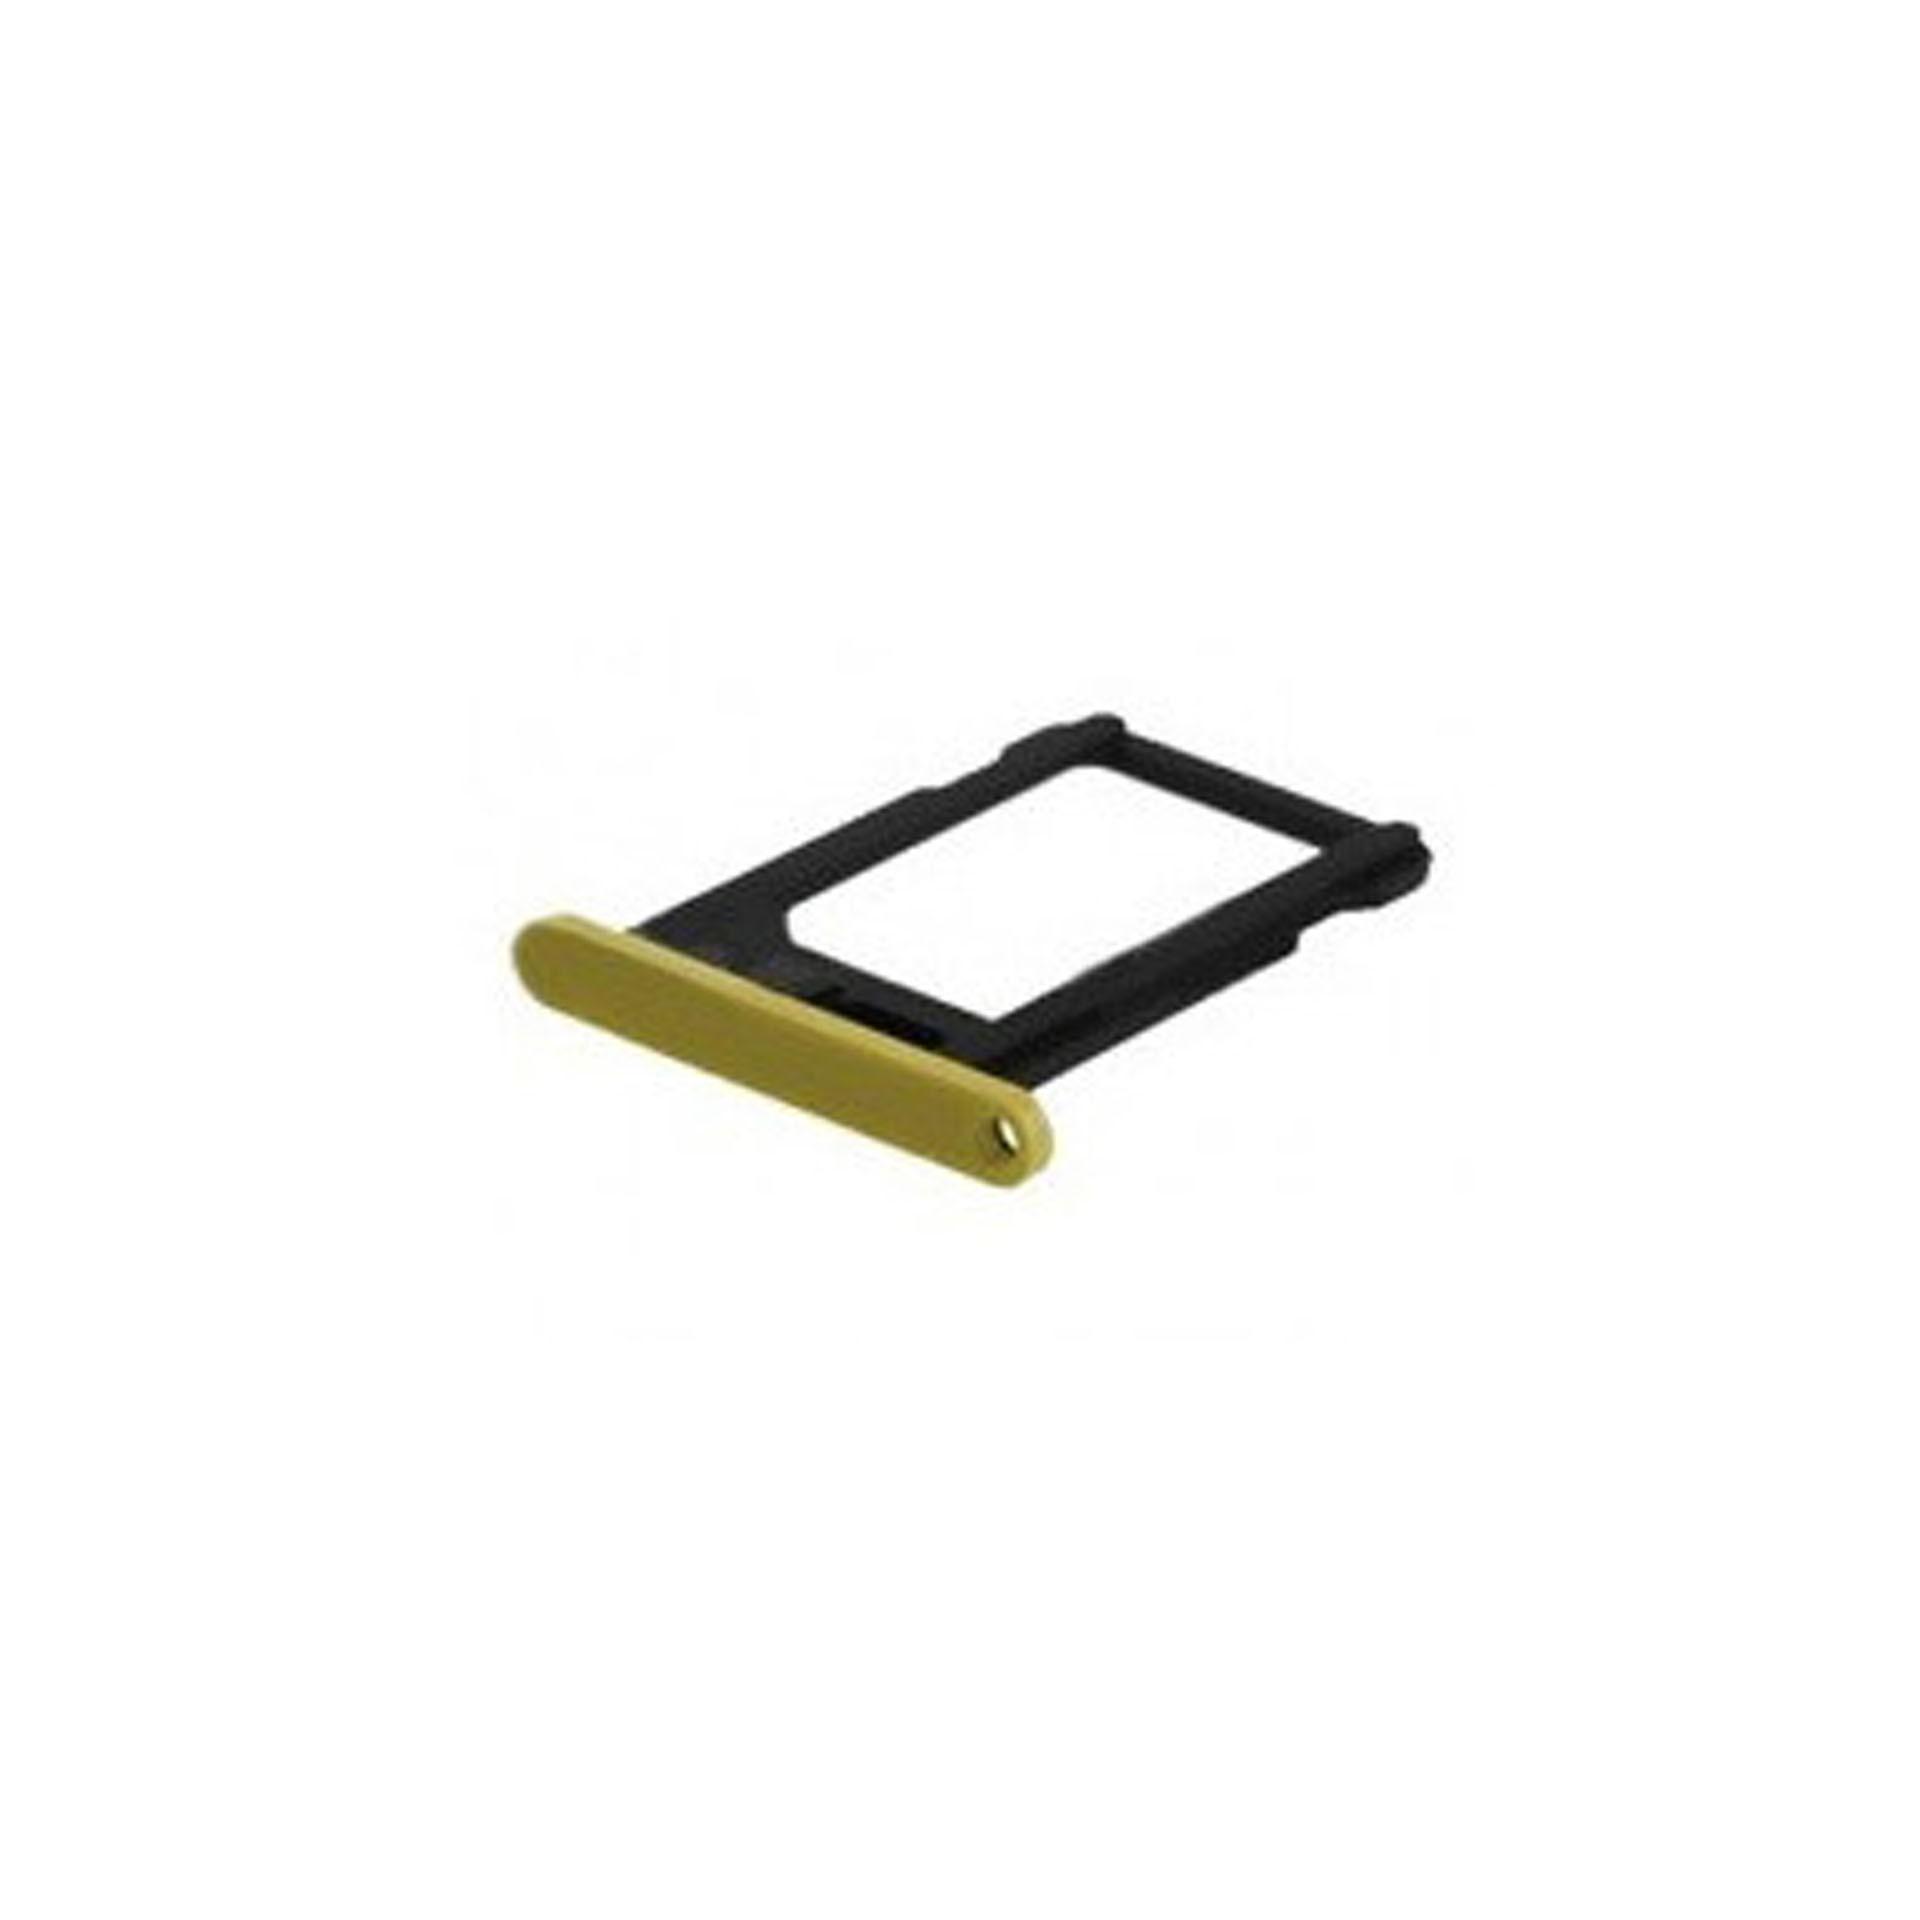 EXO Phone Sim Holder für iPhone 5c - Gelb